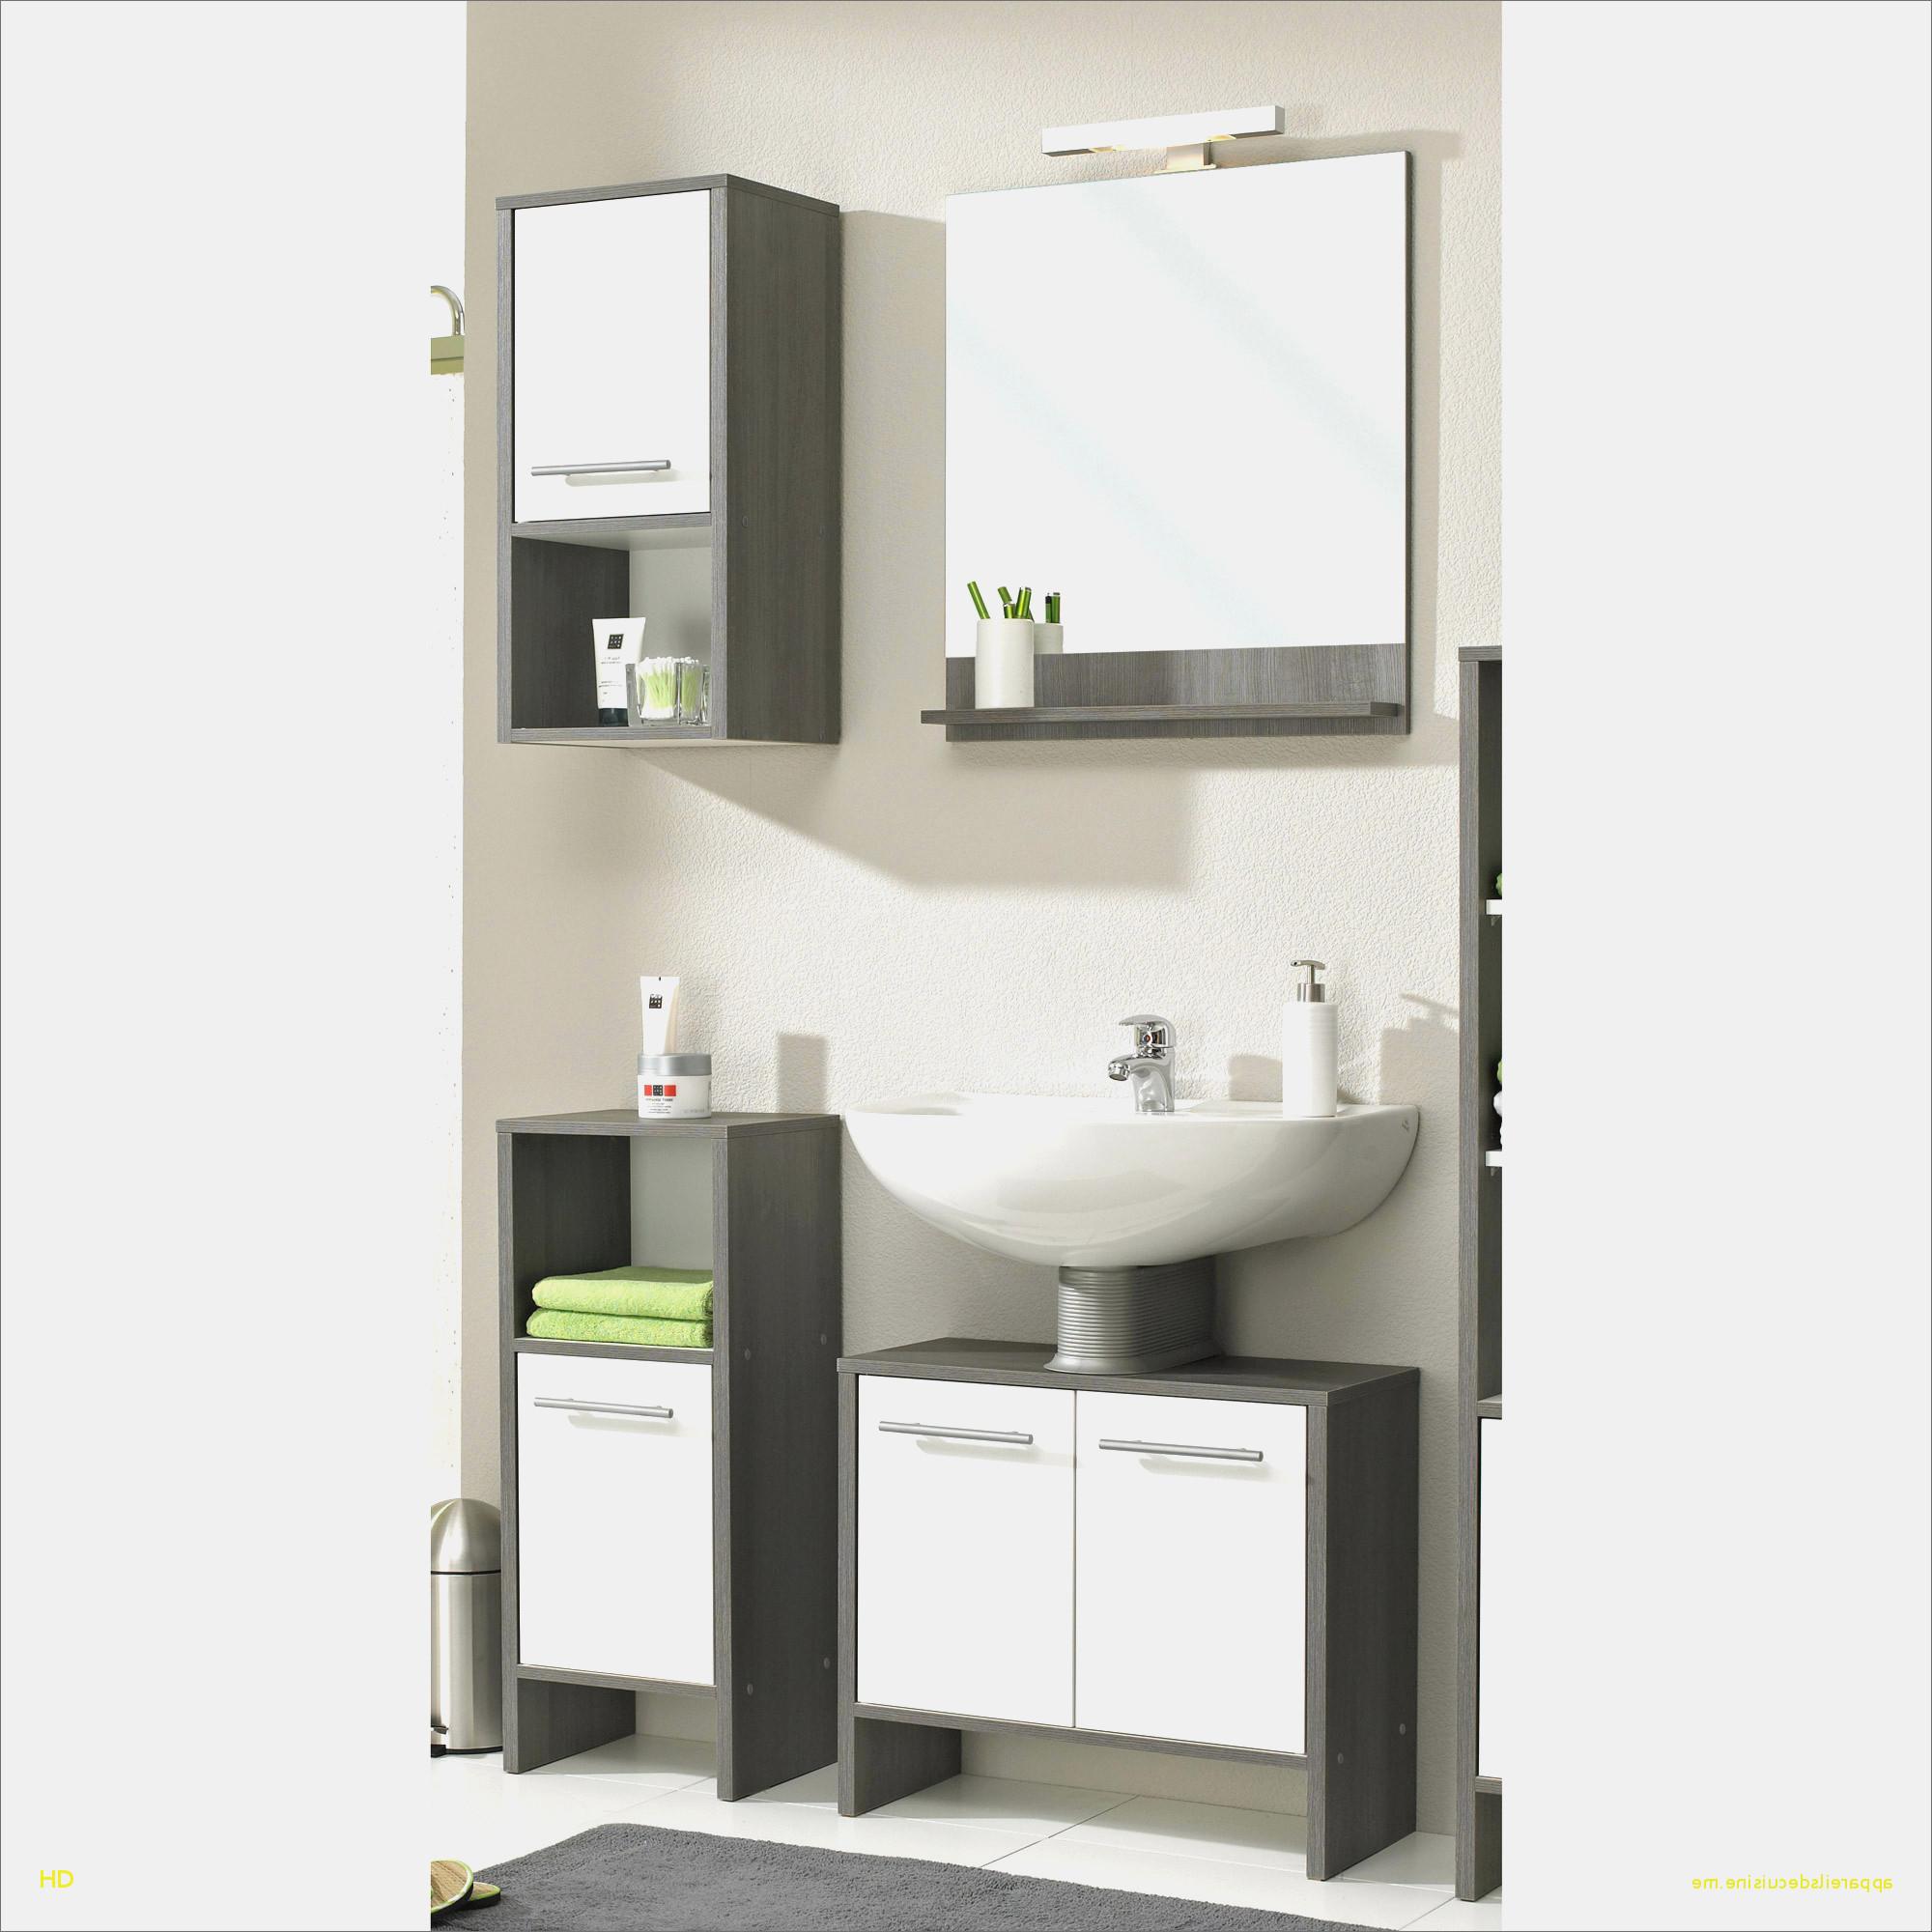 Ikea Salles De Bains Unique Collection Armoire Miroir Salle De Bain but Luxury Miroir Salle De Bain Led